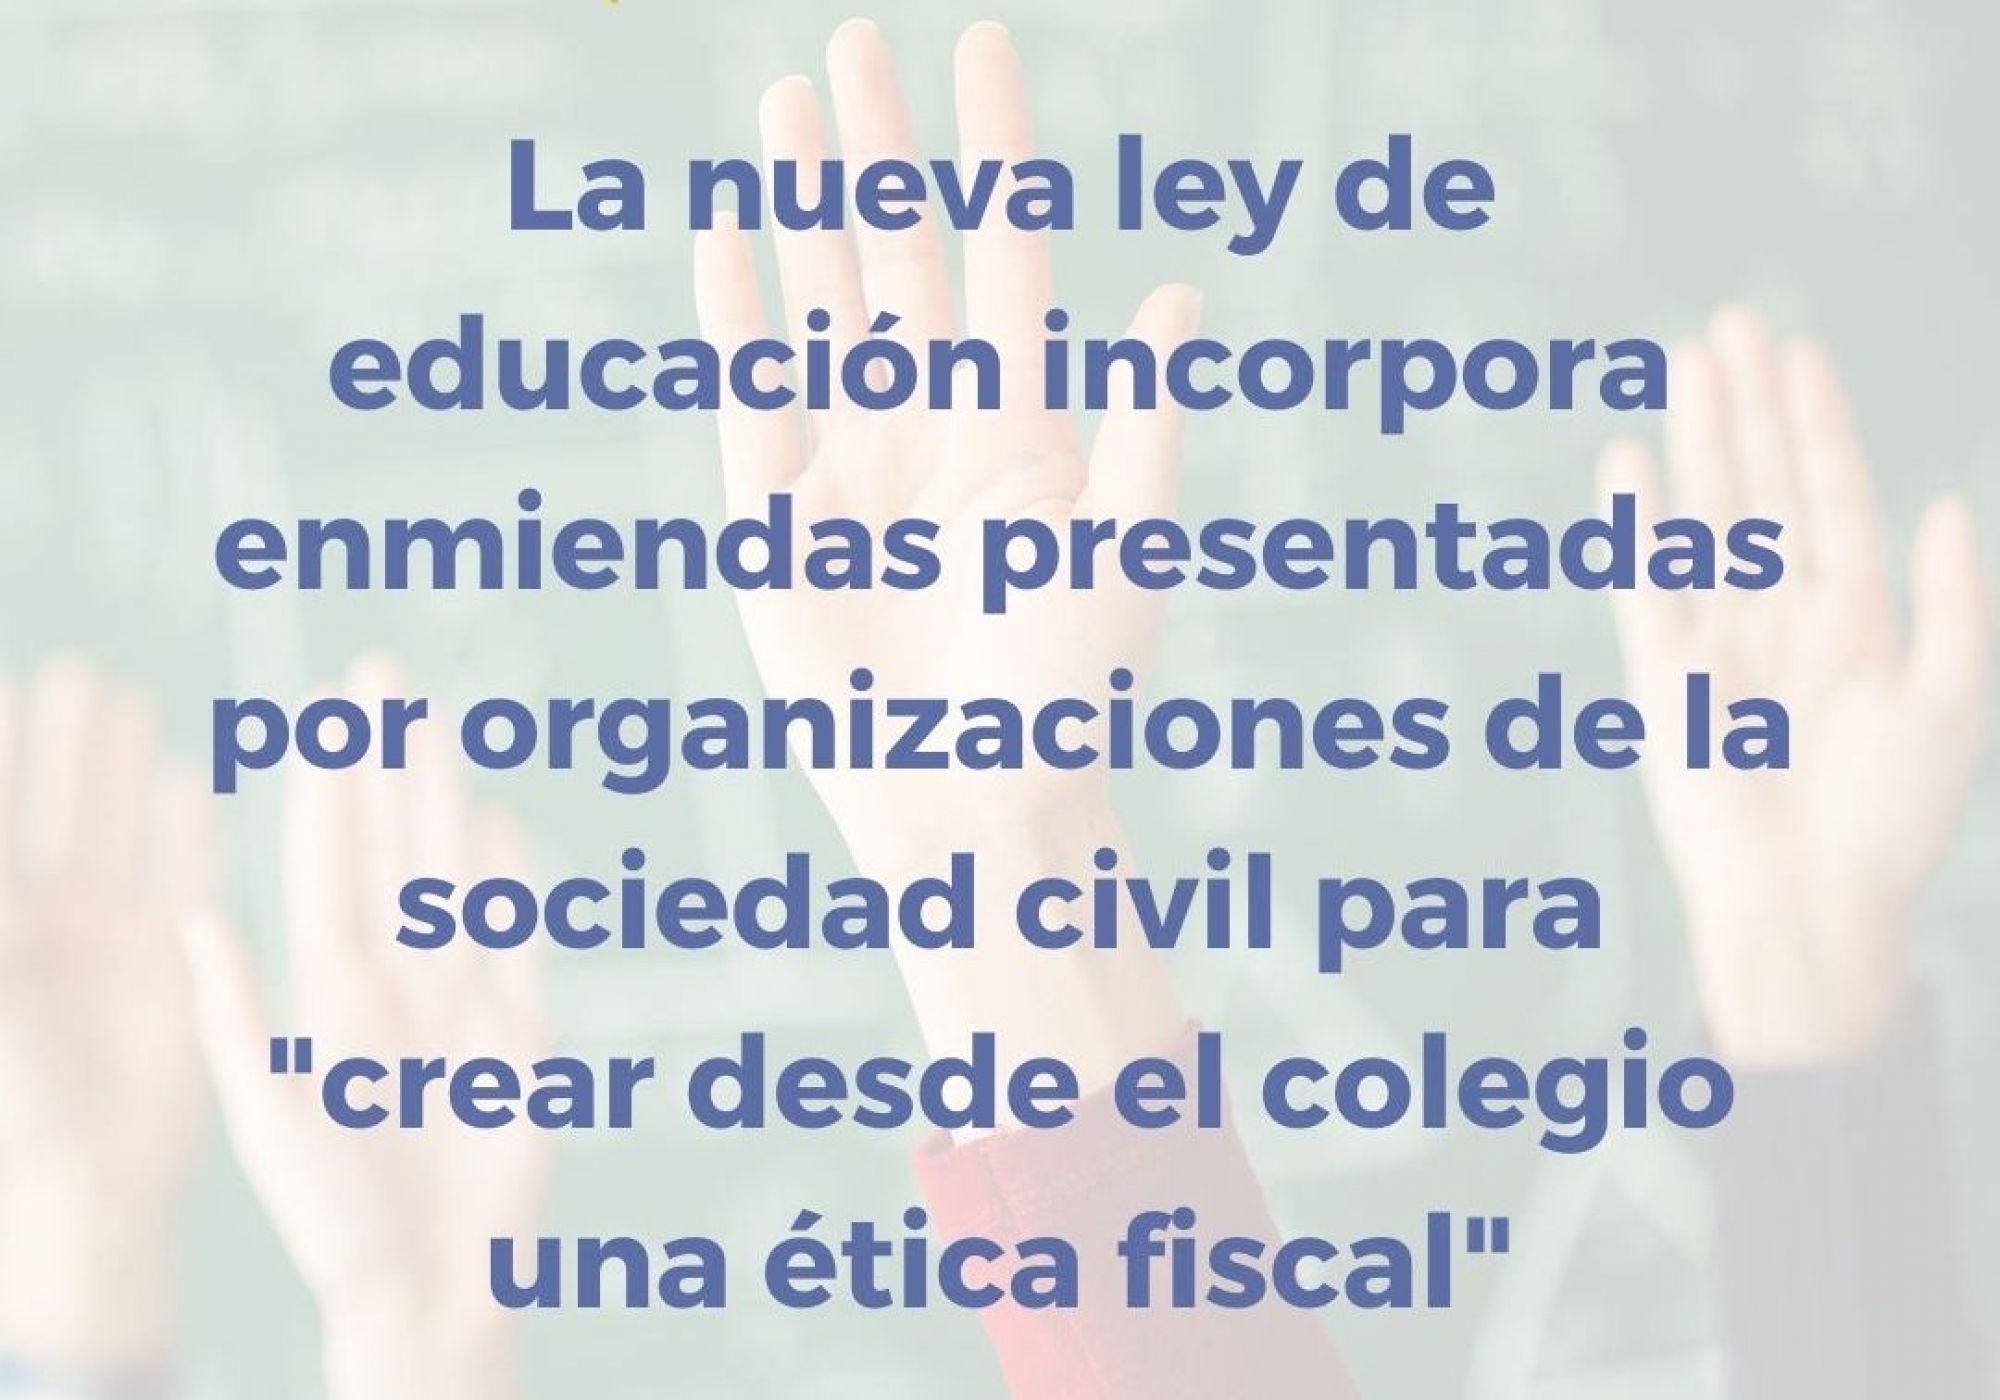 Aprobada la enmienda promovida por organizaciones sociales, entre ellas la Plataforma por la Justicia Fiscal, para que se sepa en el colegio para qué valen los impuestos